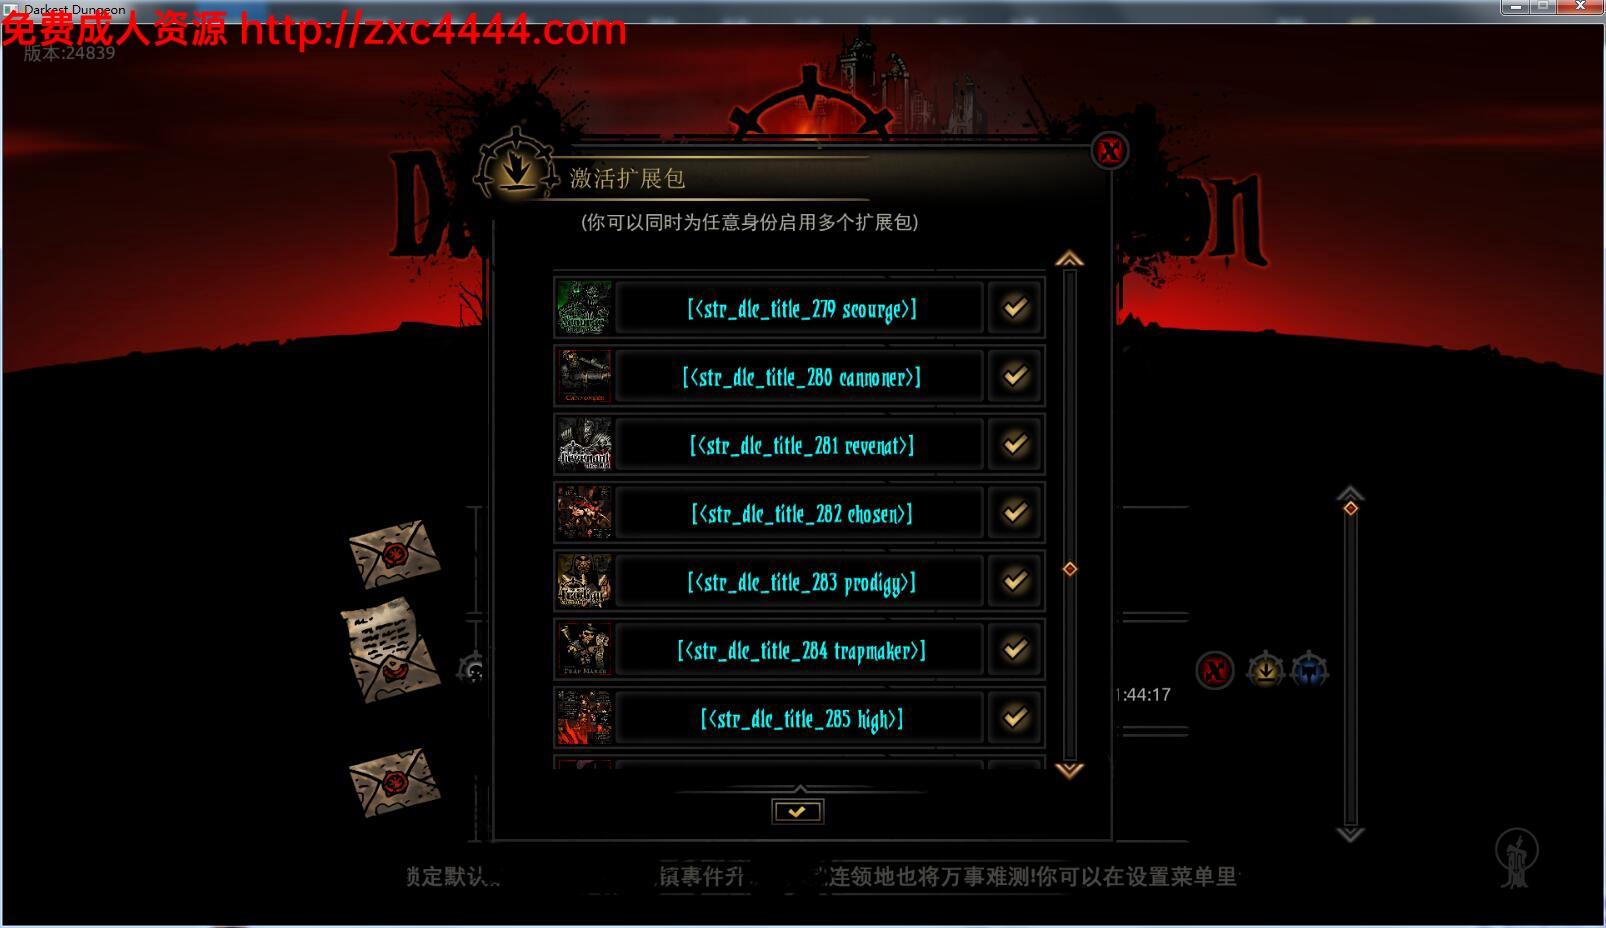 【大型战略SLG/魔改/动态】暗黑地牢 Darkest Dungeon V24839 绅士MOD中文版 1910091